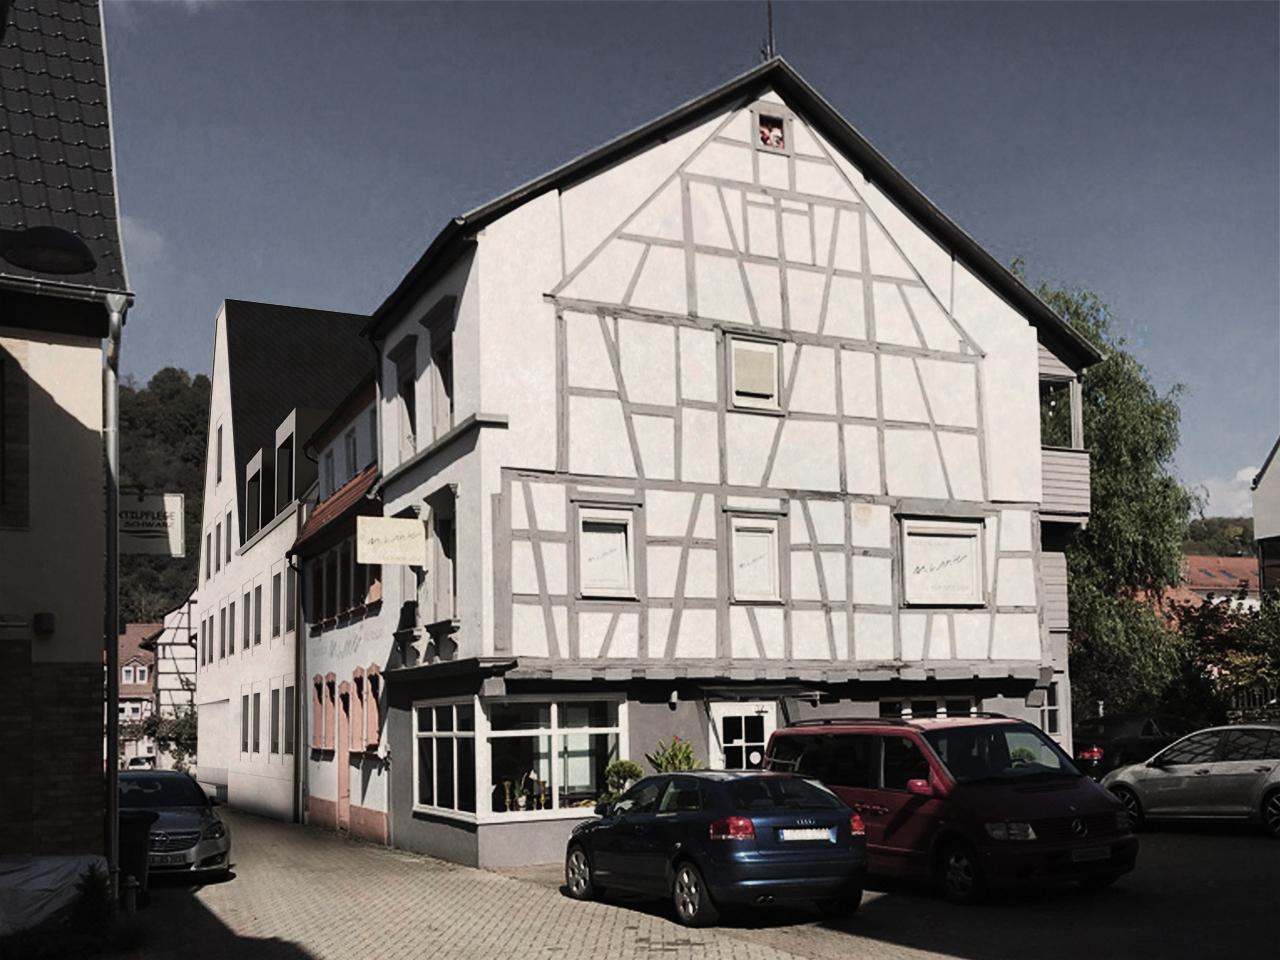 7_1_Quodgasse_Annweiler